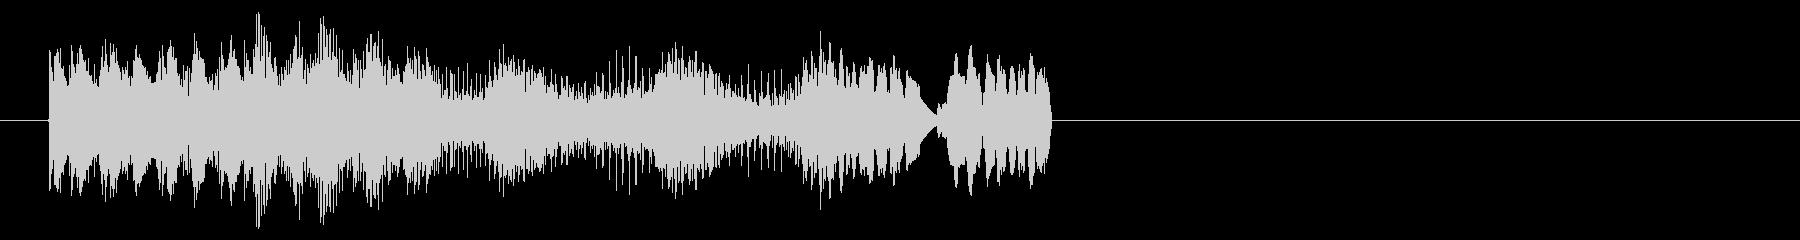 デジタルパワーダウンによるバースト...の未再生の波形